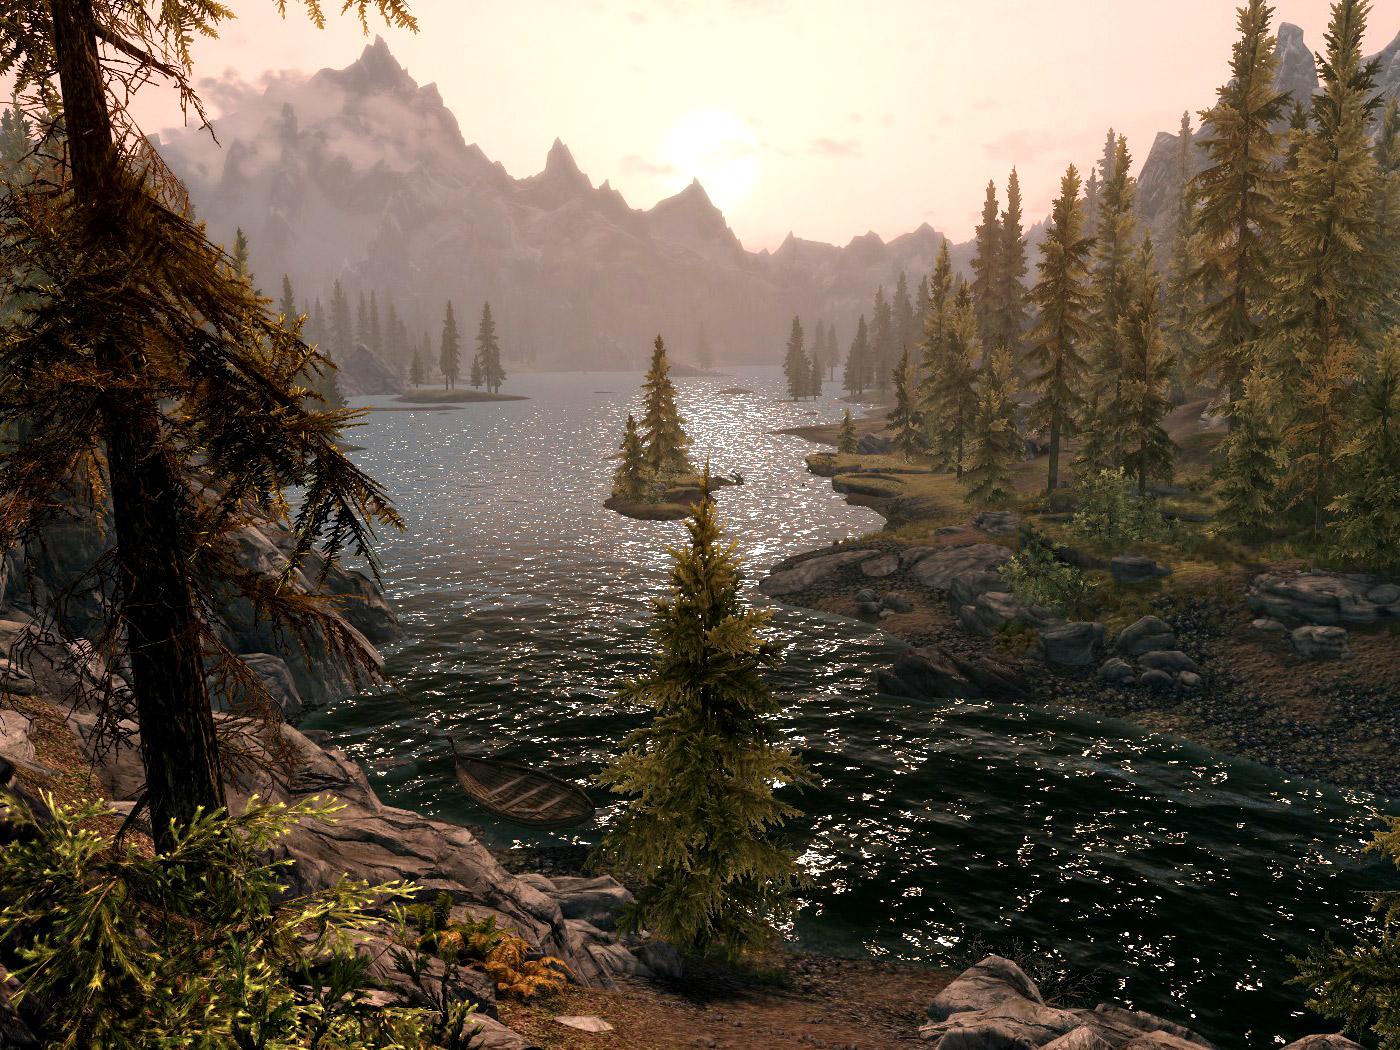 Озеро Илиналта